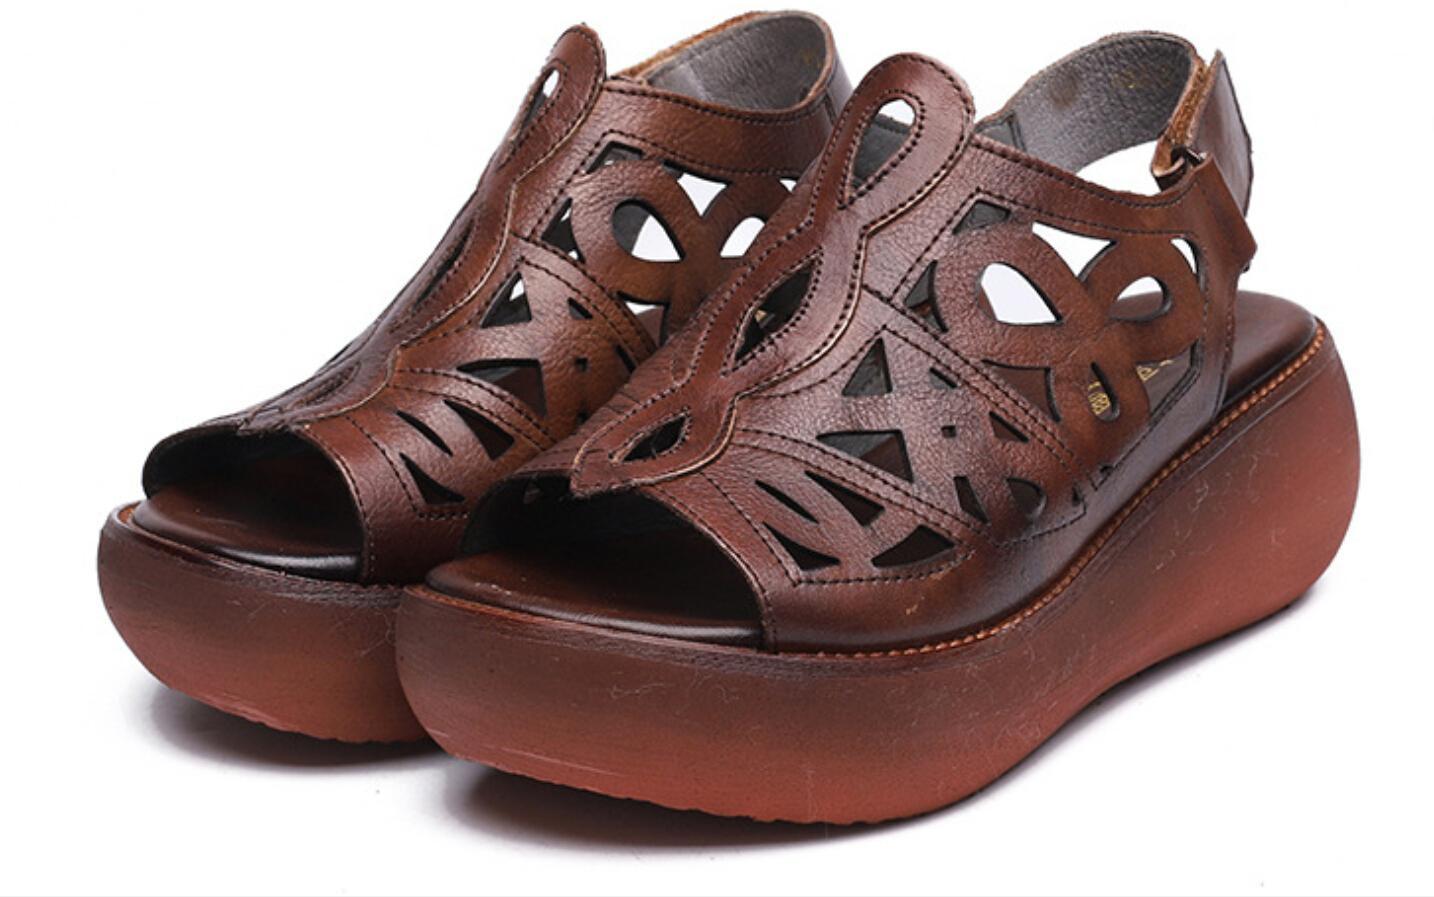 2020Hot vendita spessi sandali inferiori donne 2020 nuovi pattini di mamma estivi sandali vuoti in pelle moda retrò delle donne